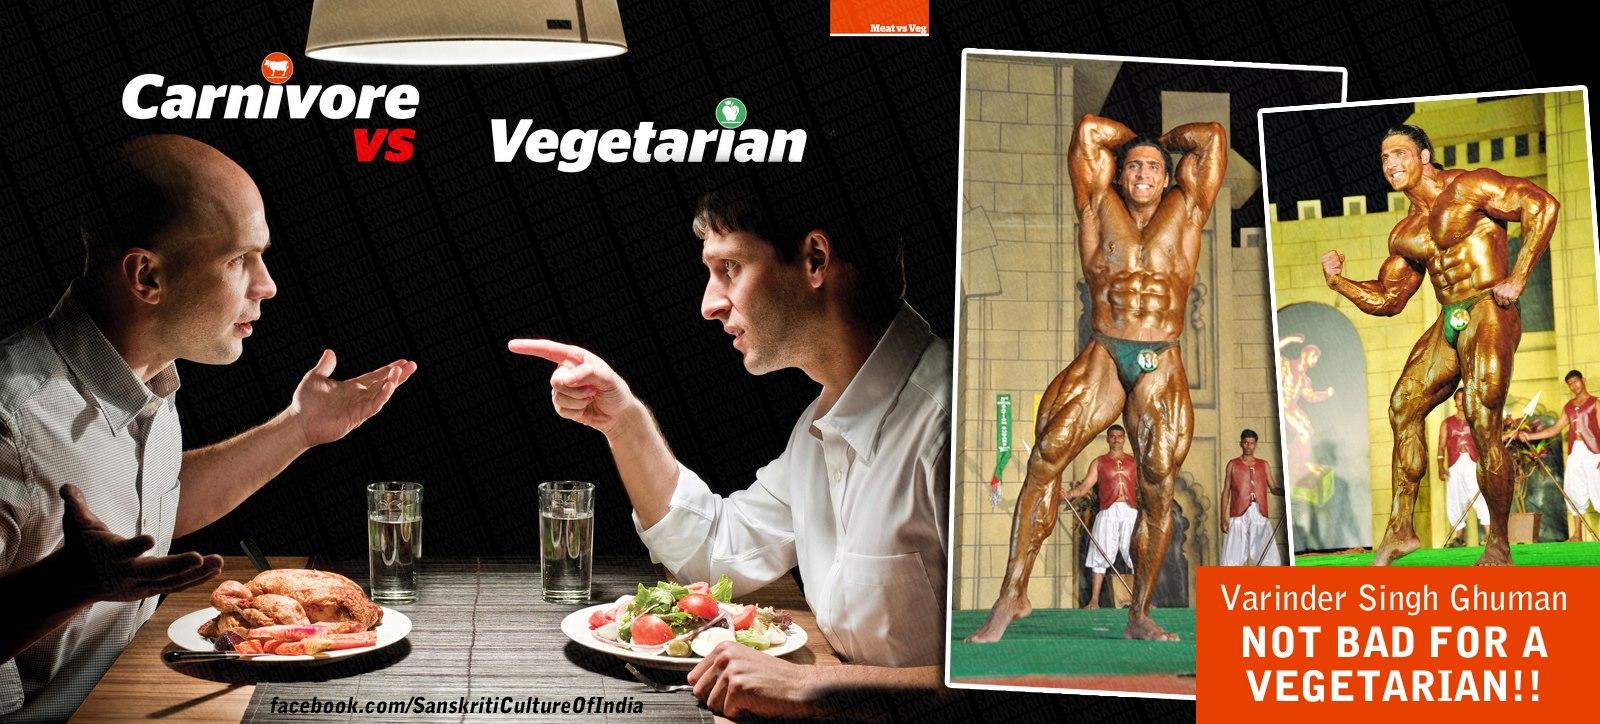 Carnivore vs. Vegetarian